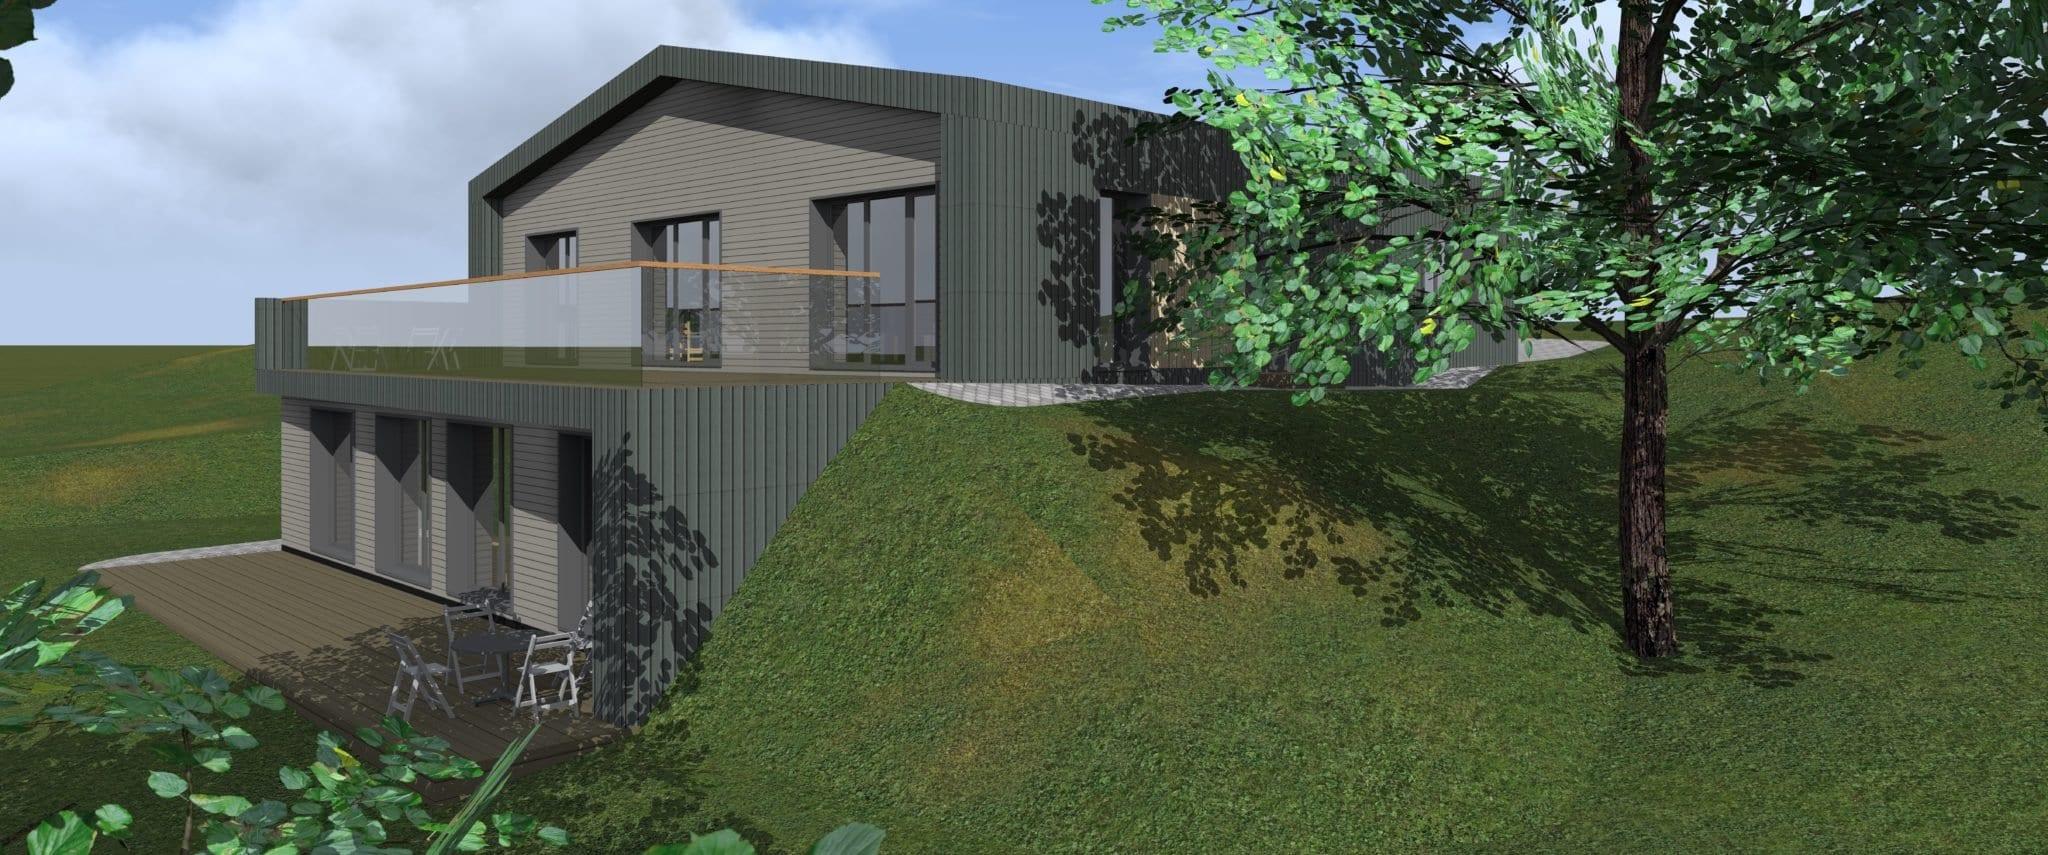 Vienbučio gyvenamojo namo projektas fasadas